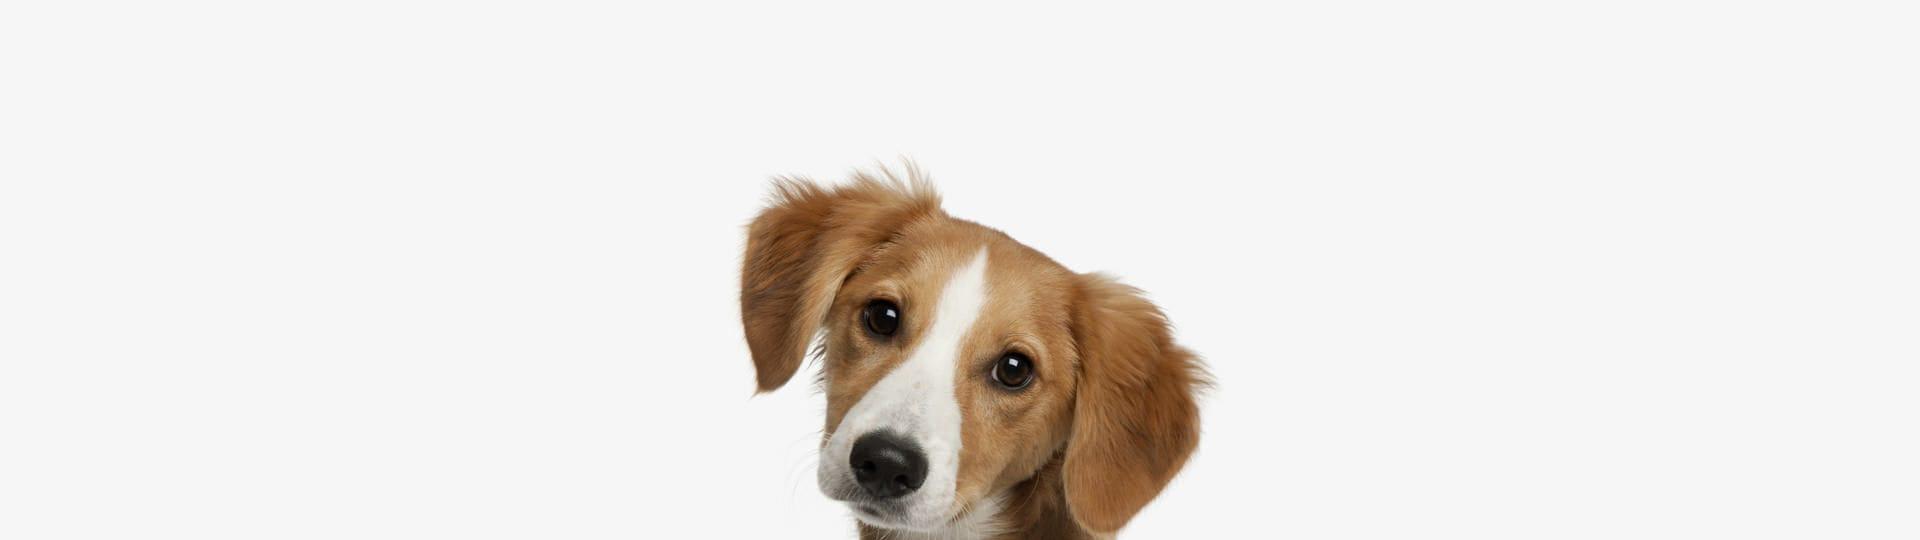 kutya viselkedése